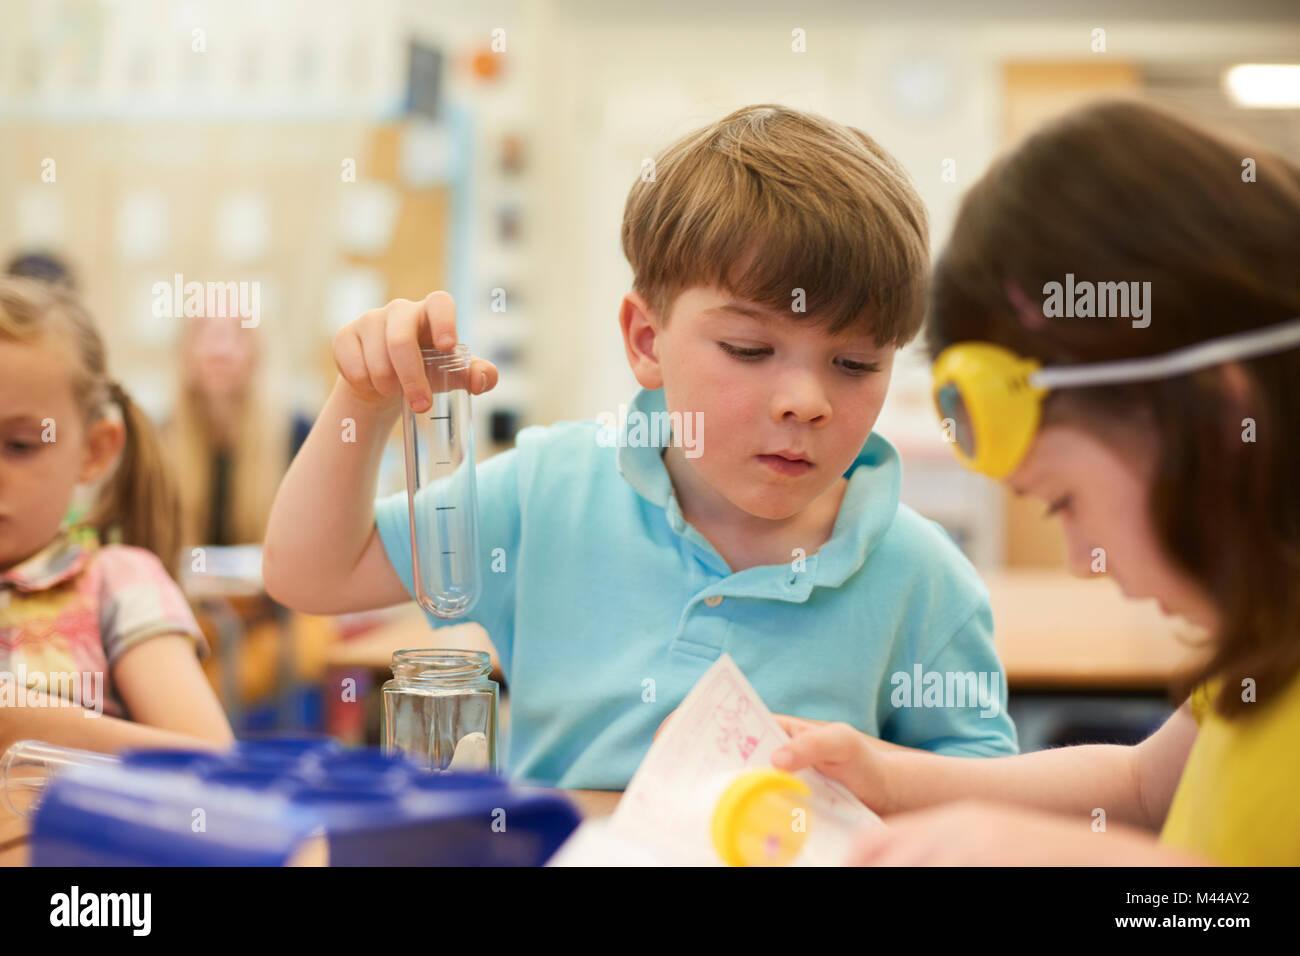 Escolar Primaria y chicas haciendo experimentos en tubos de ensayo aula Imagen De Stock